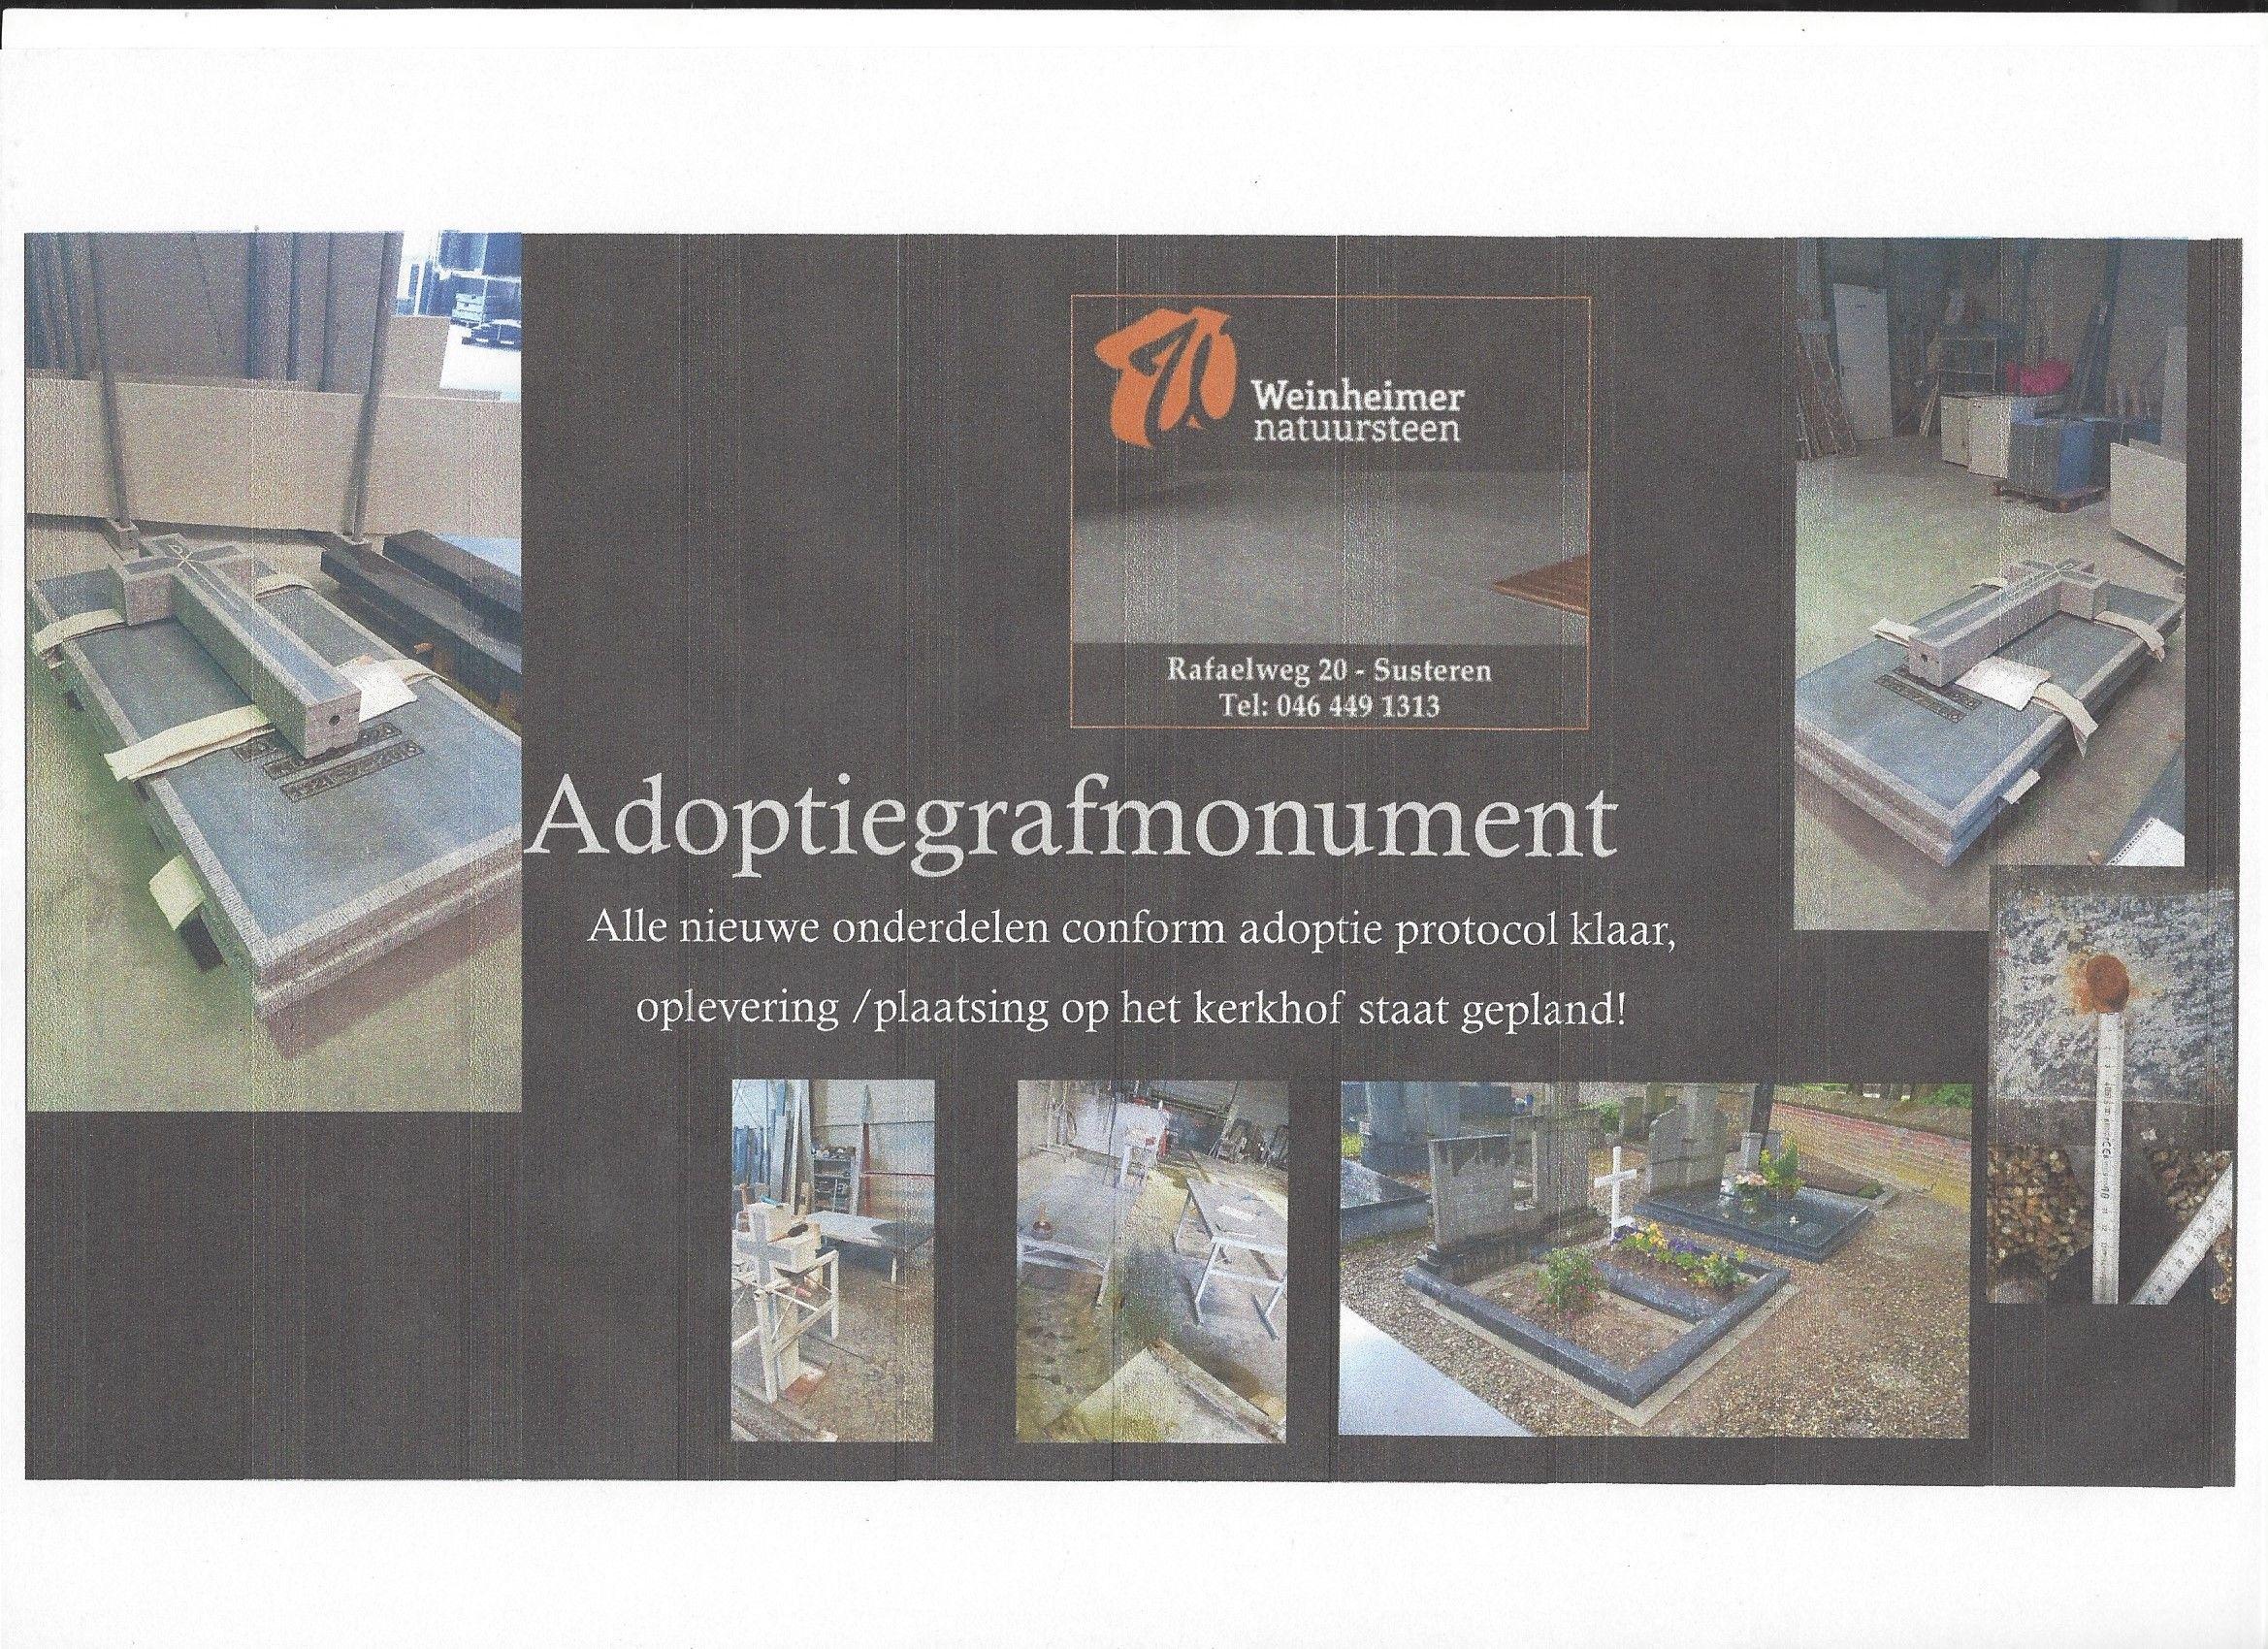 Resterende nieuwe onderdelen Adoptie grafmonument klaar voor levering plaatsing op het kerkhof door Weinheimer natuursteen